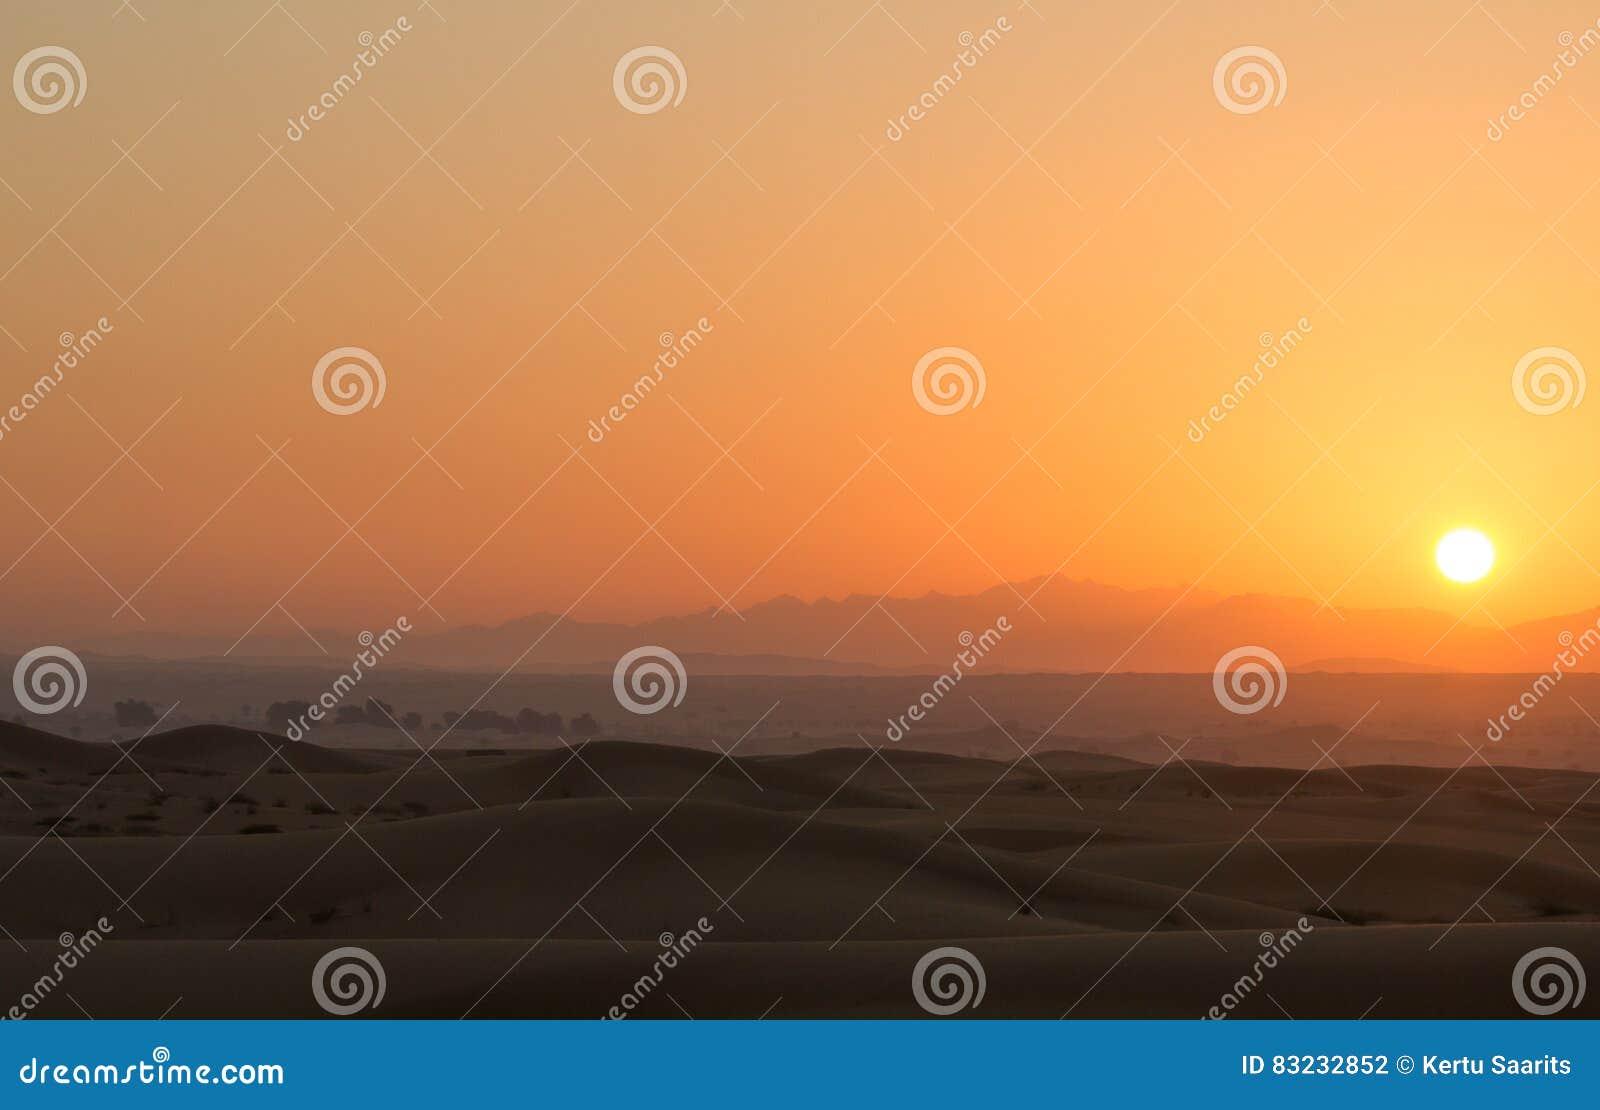 Salida del sol caliente en las dunas del desierto de Dubai, United Arab Emirates